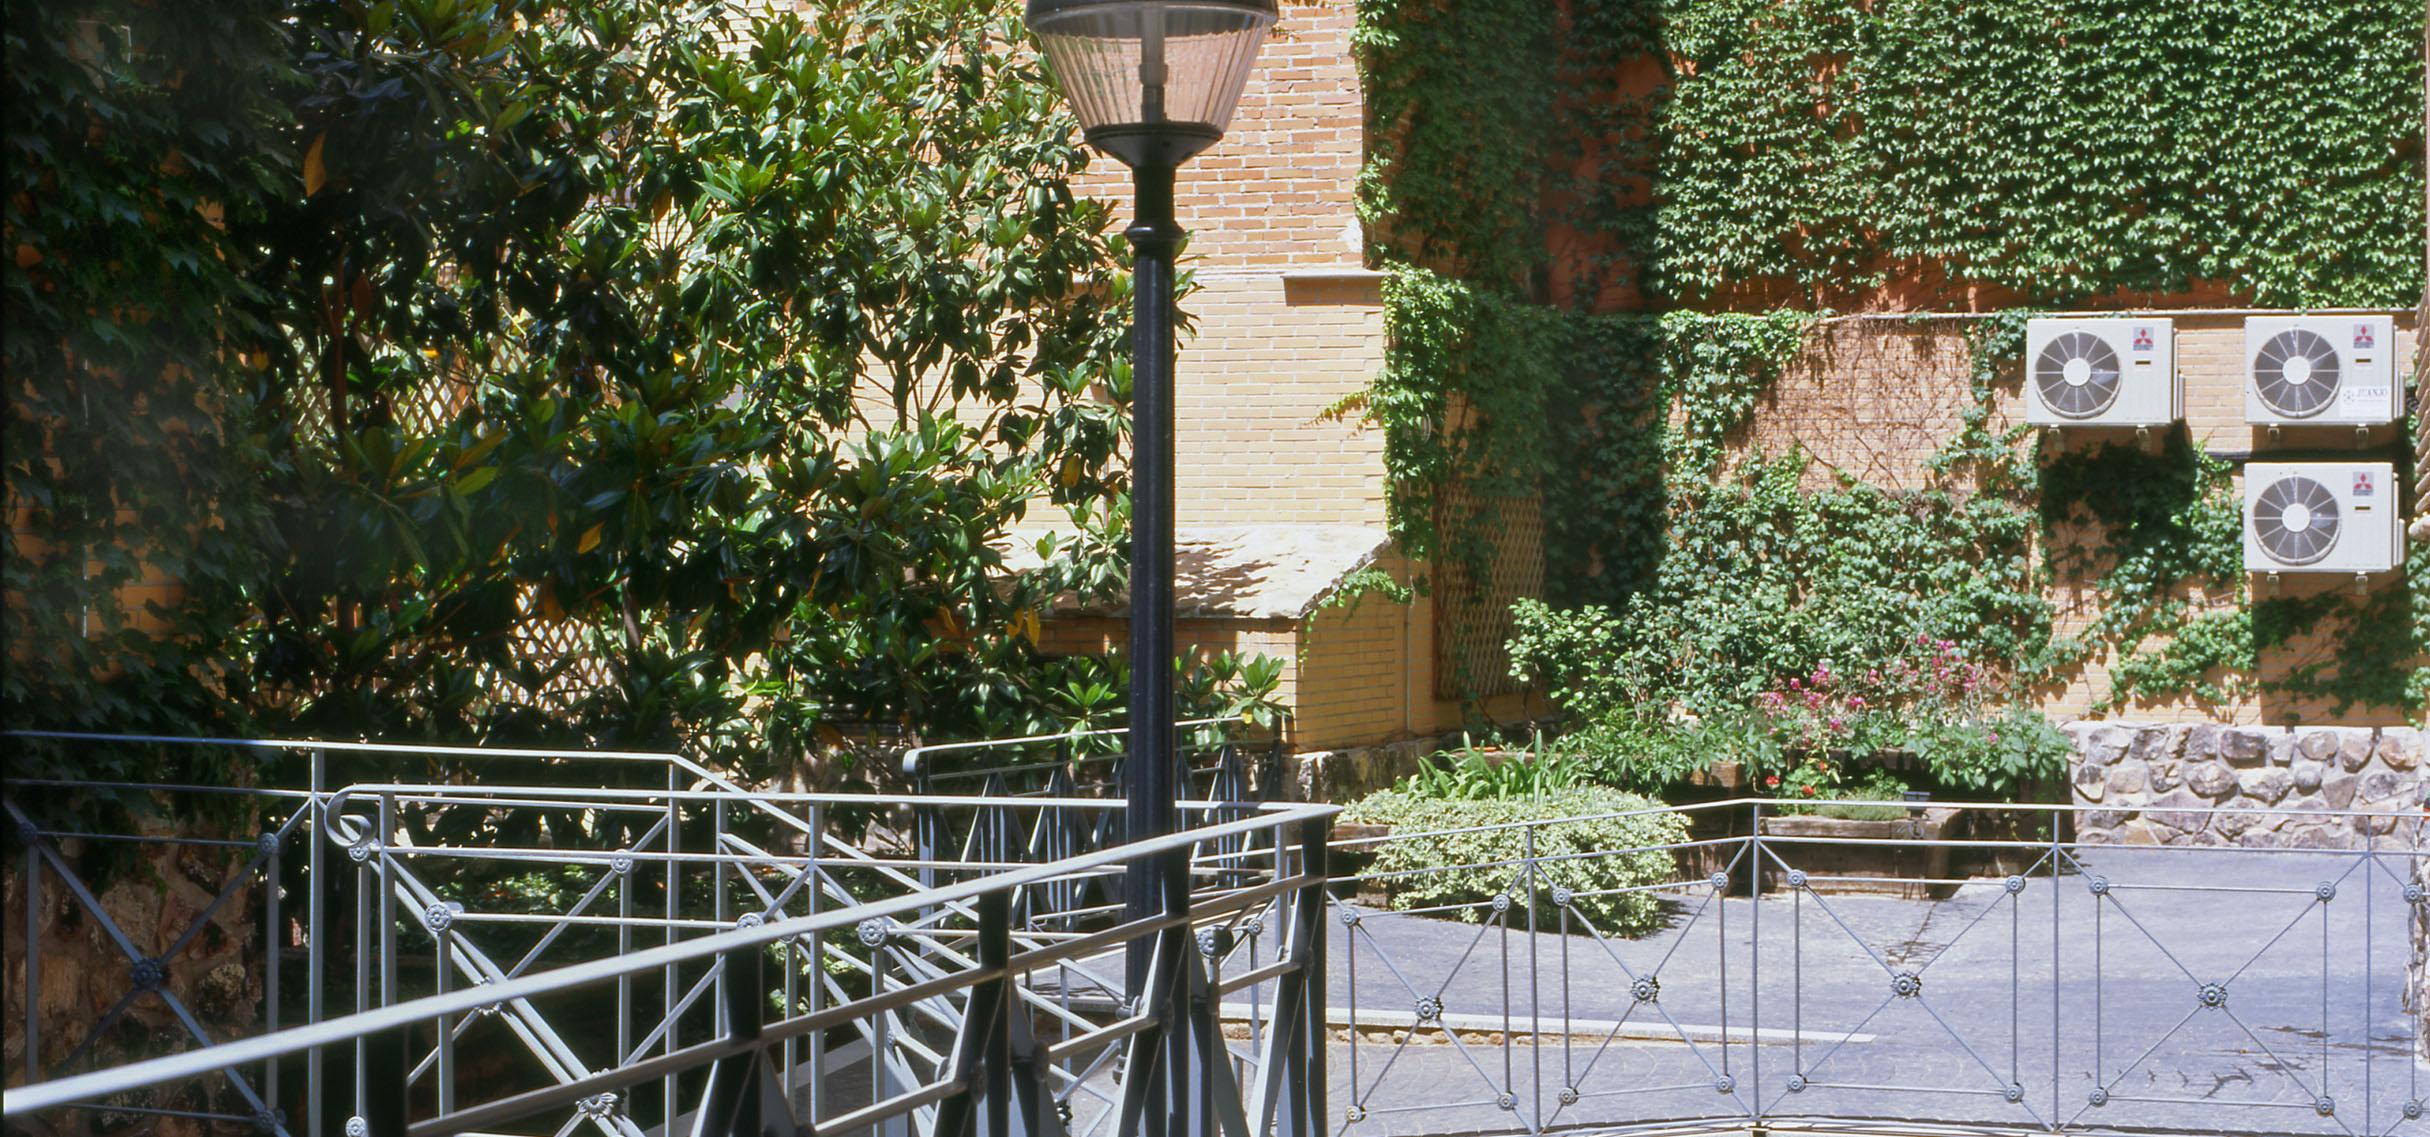 Estudios y apartamentos baratos en madrid estudio otamendi tetu n 2 - Alquiler de pisos en madrid baratos ...